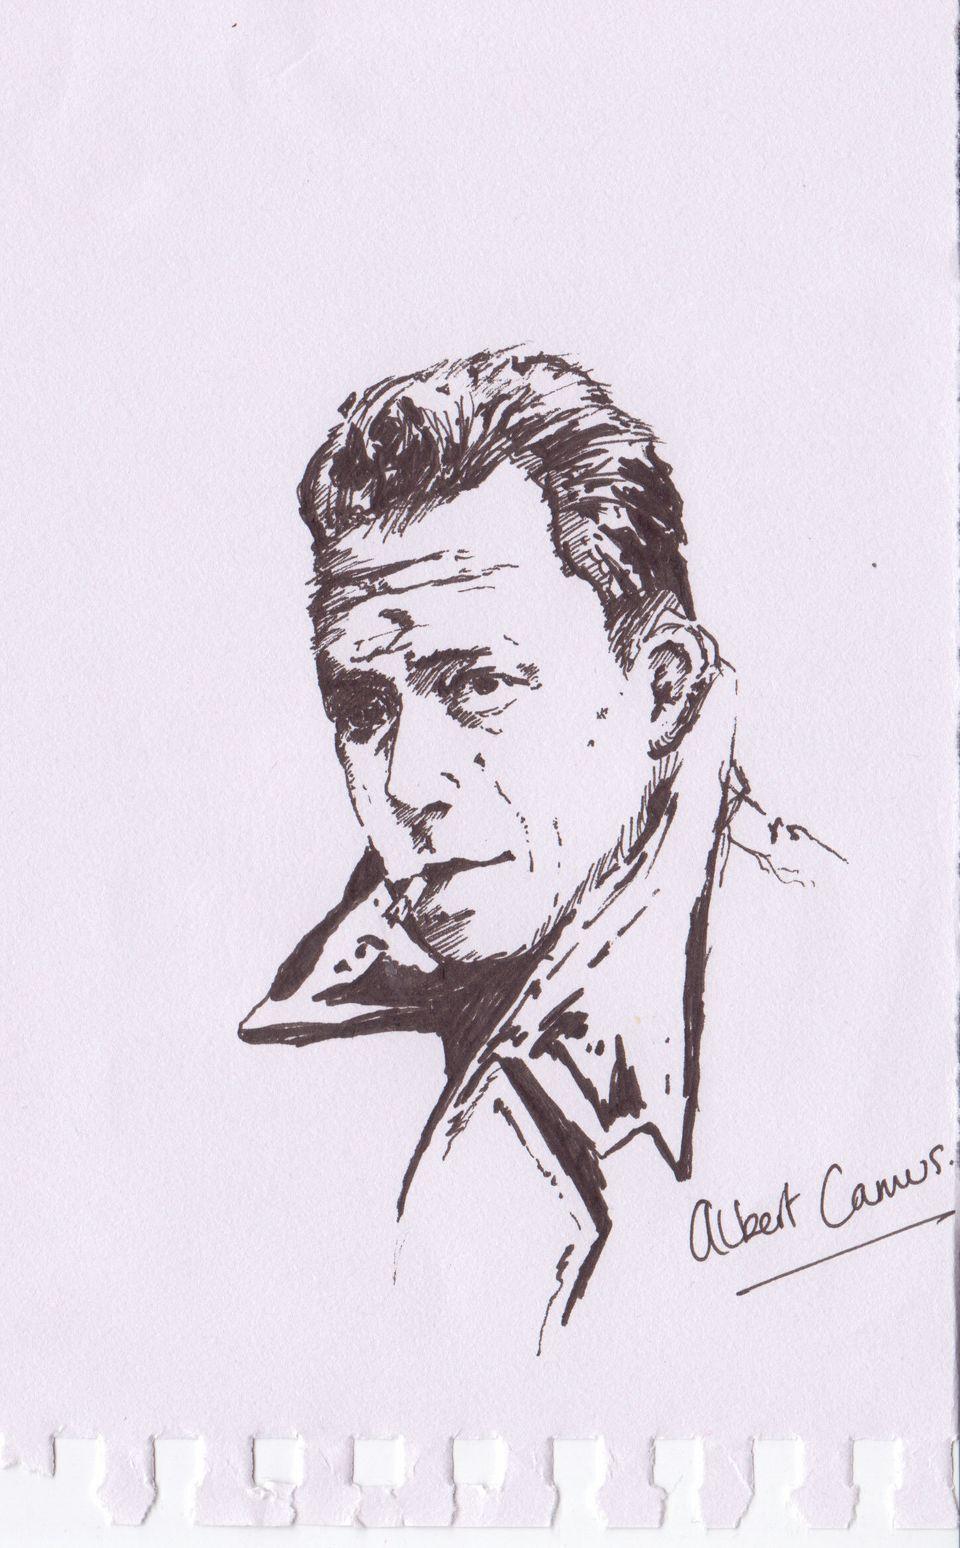 Ένα απόγευμα με τον Αλμπέρ Καμύ: Τα 49 σημαντικότερα αποφθέγματά